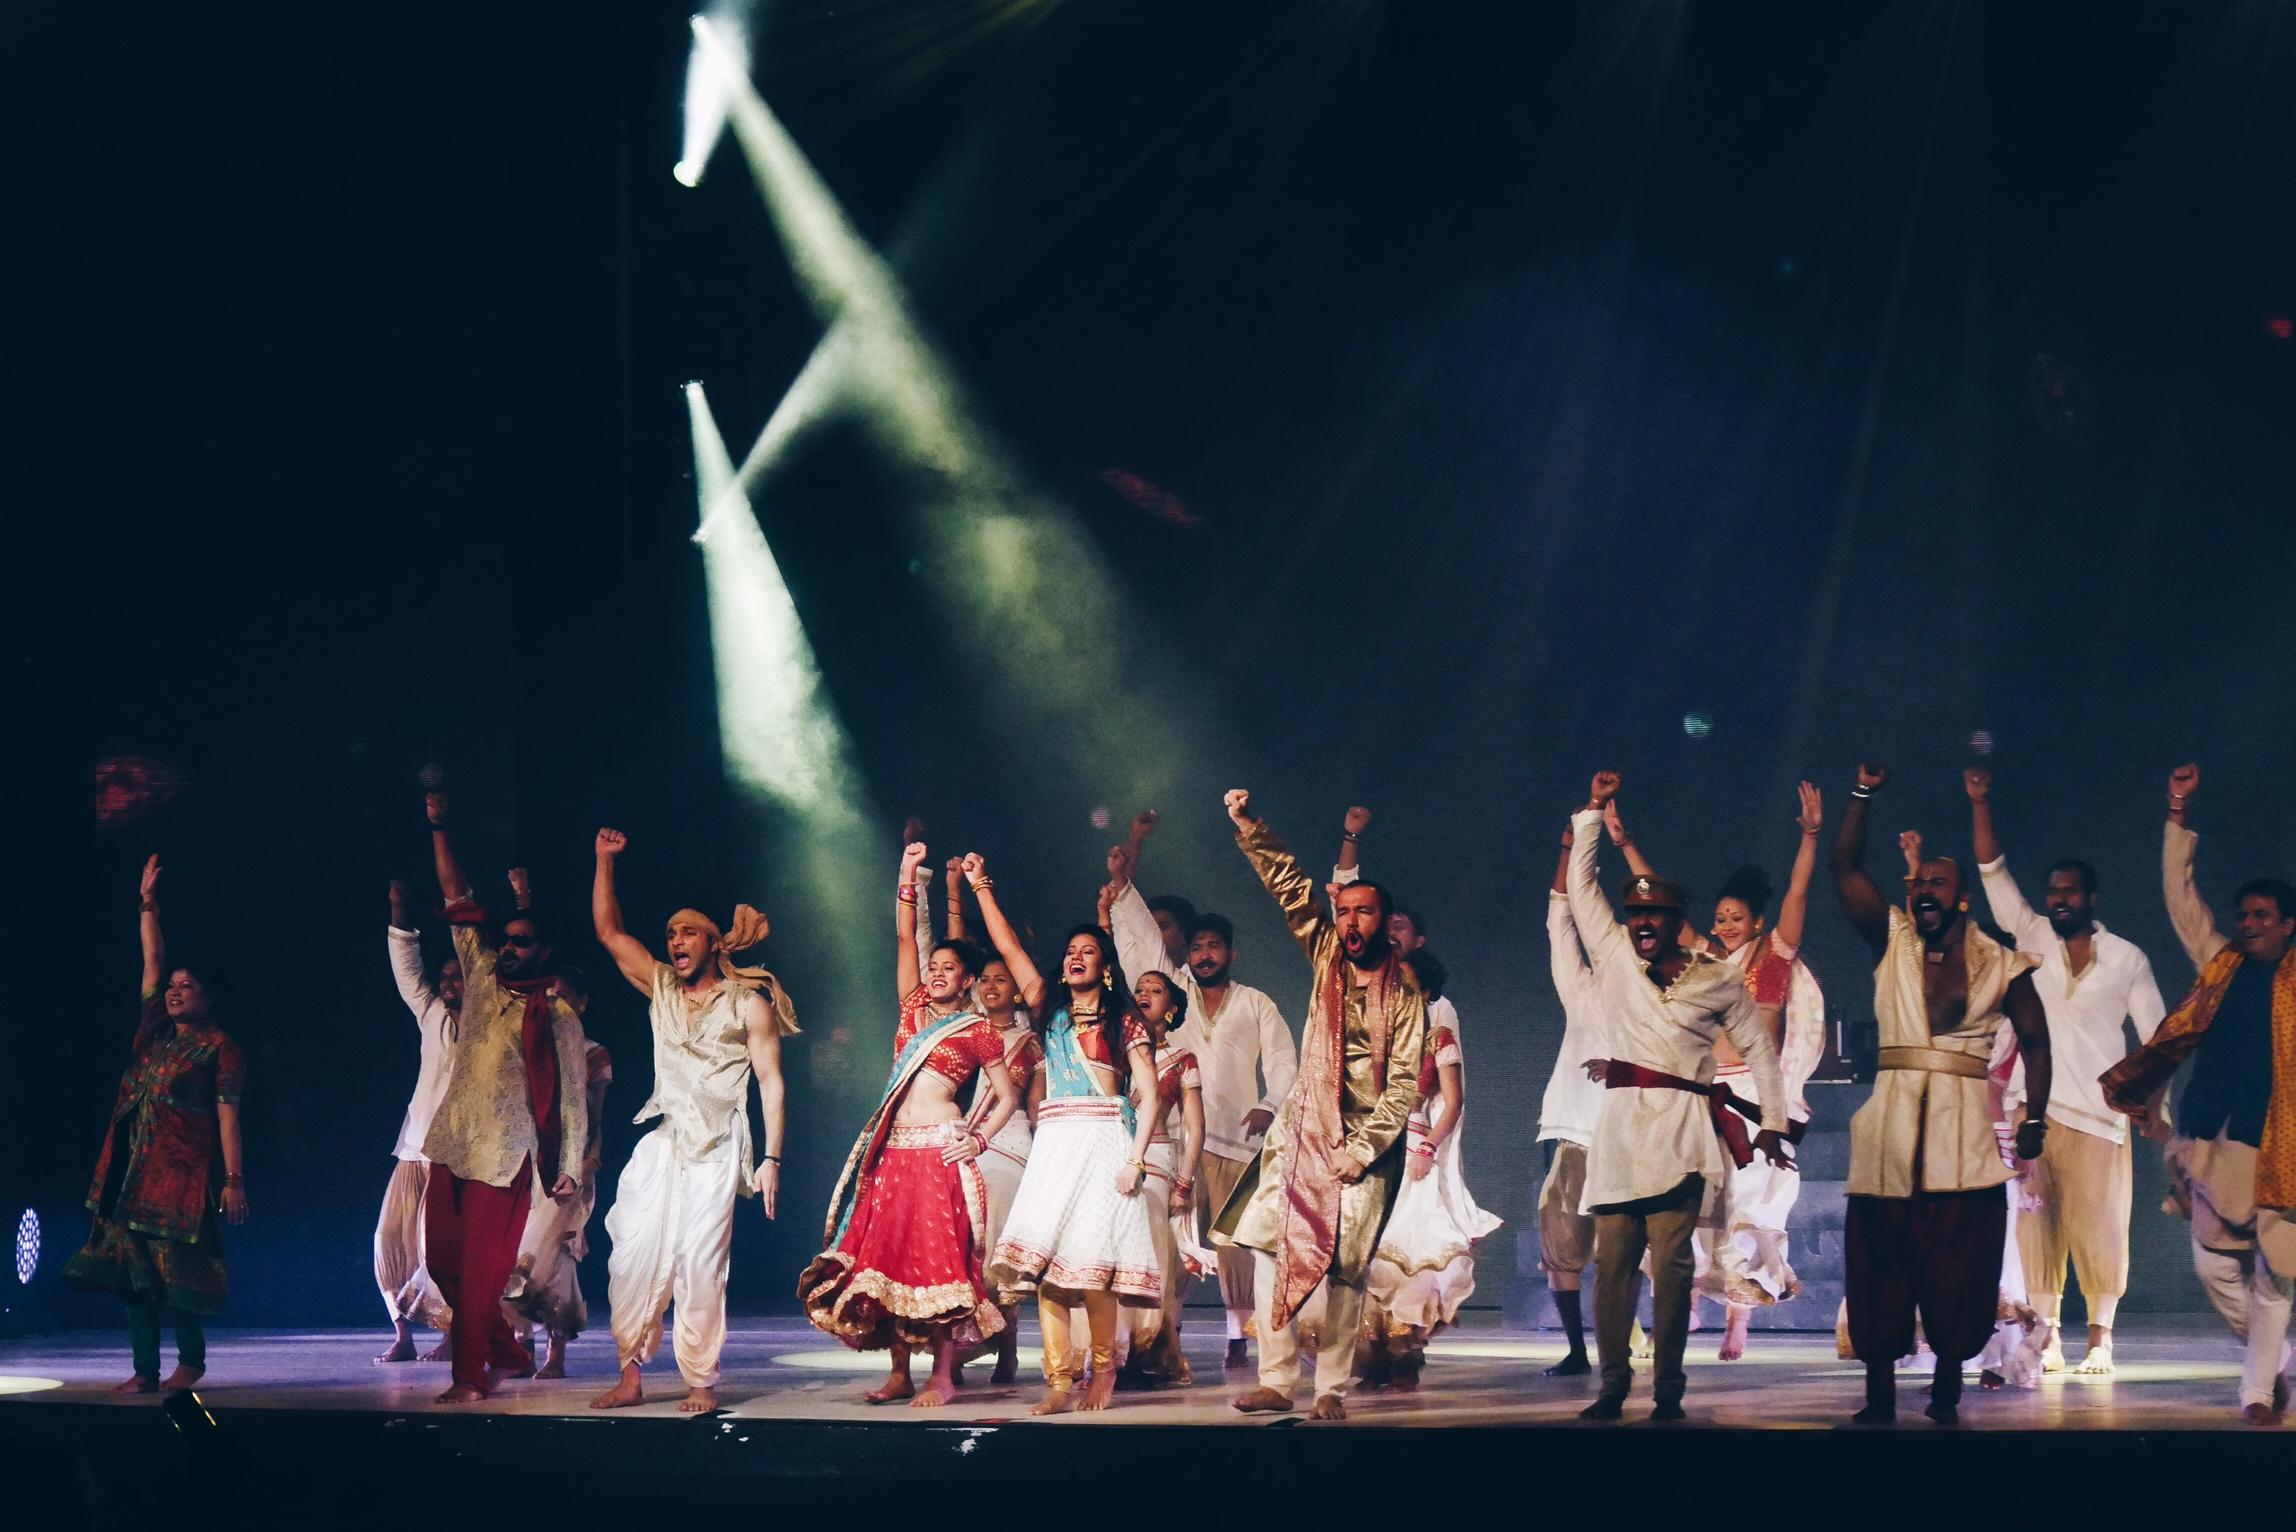 Bharati-2-spectacle-dans-le-palais-des-illusions-tournée-france-2017-stage-photo-scène-usofparis-blog